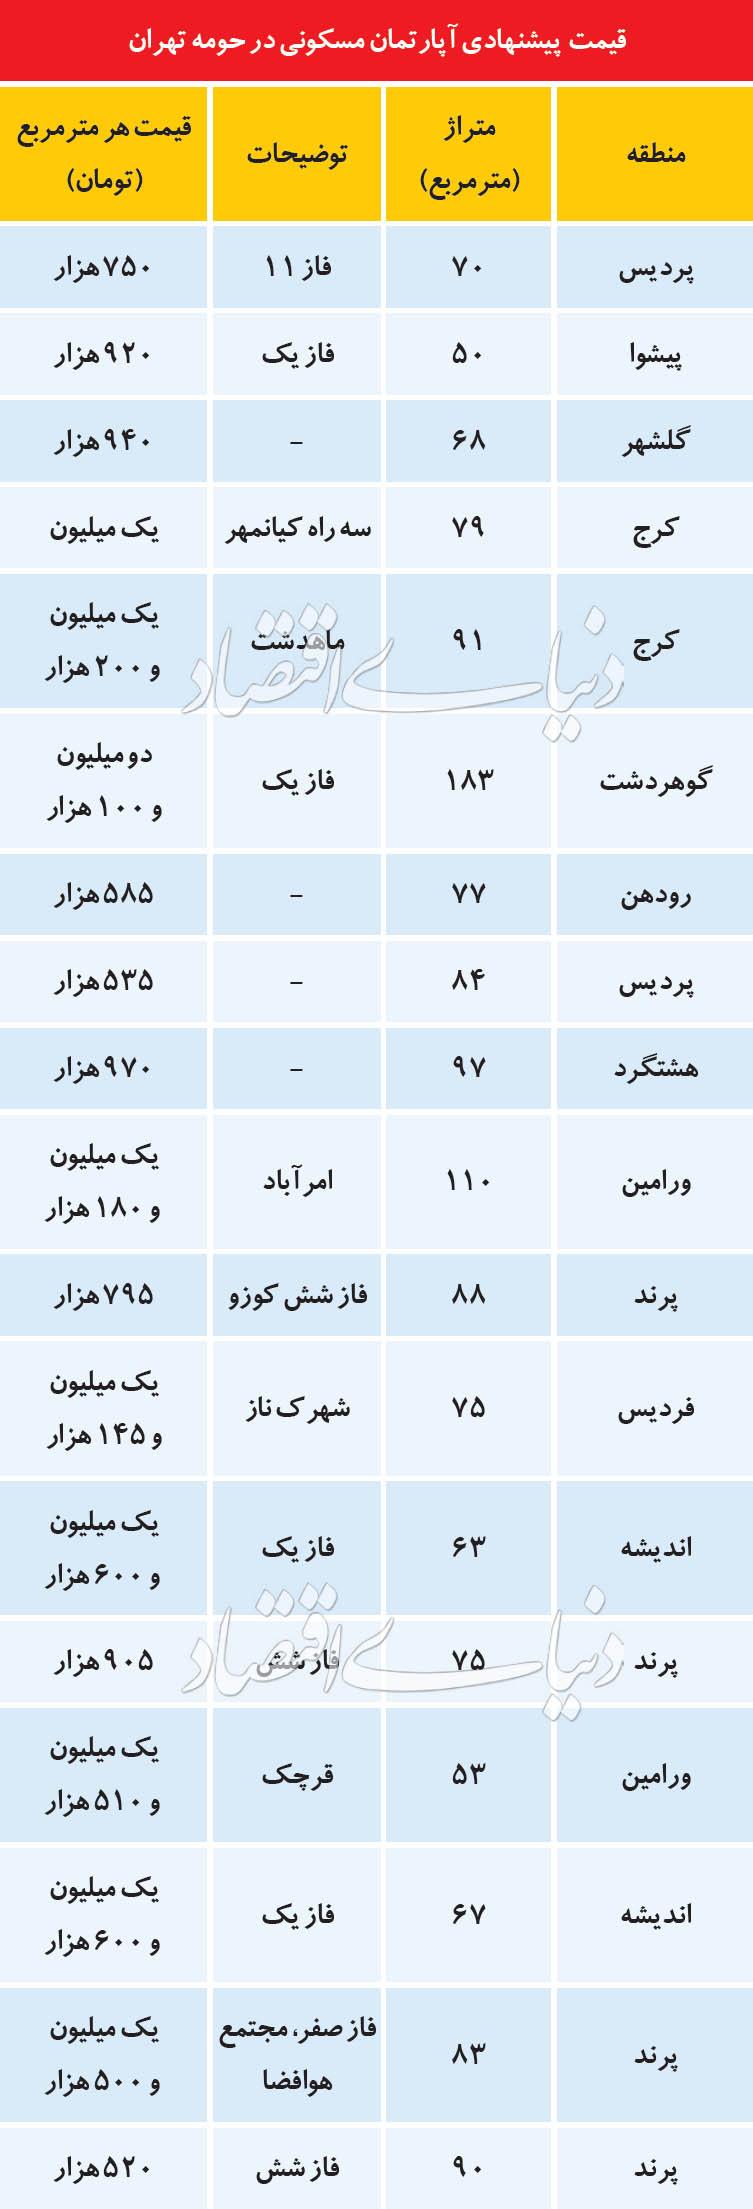 قیمت مسکن مهر جدید تهران